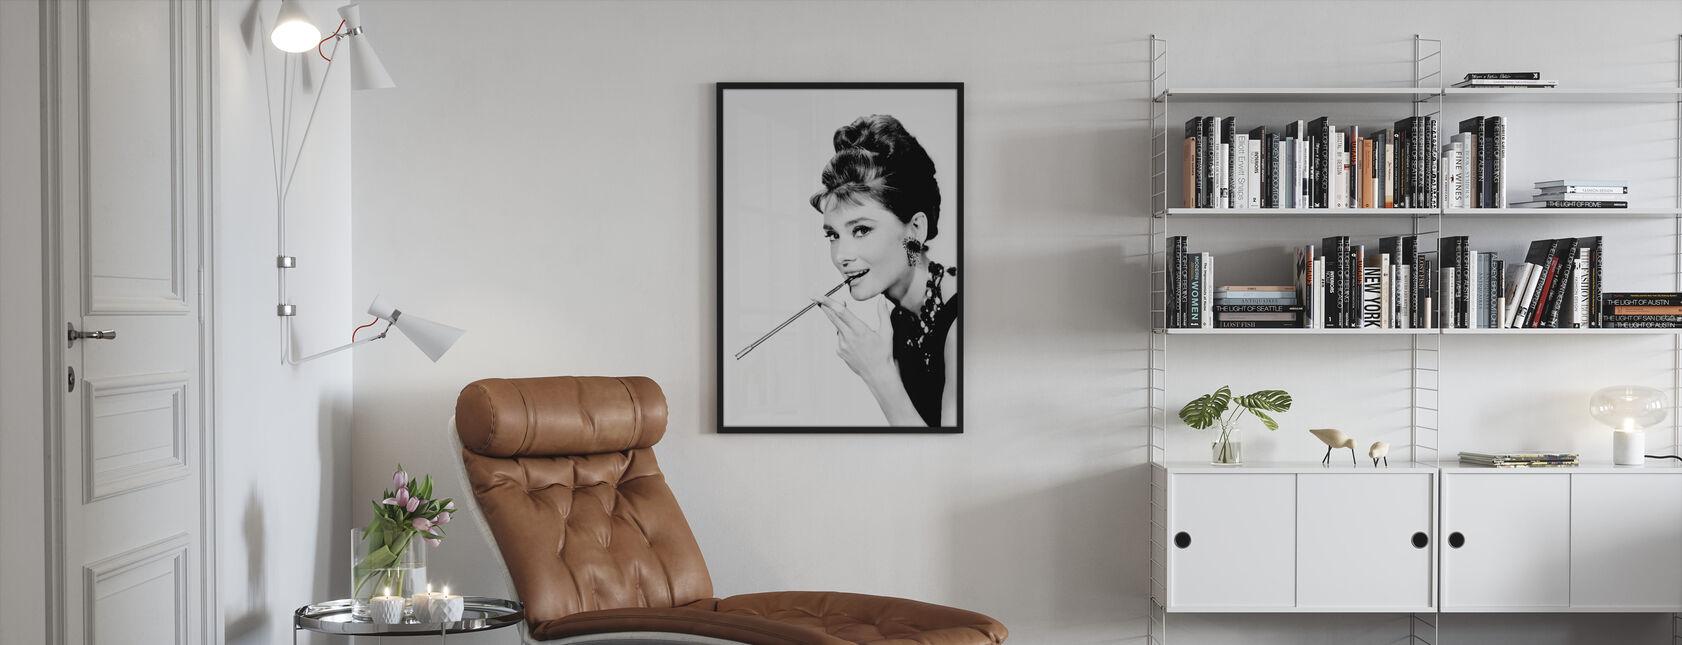 Breakfast at Tiffany's - Framed print - Living Room